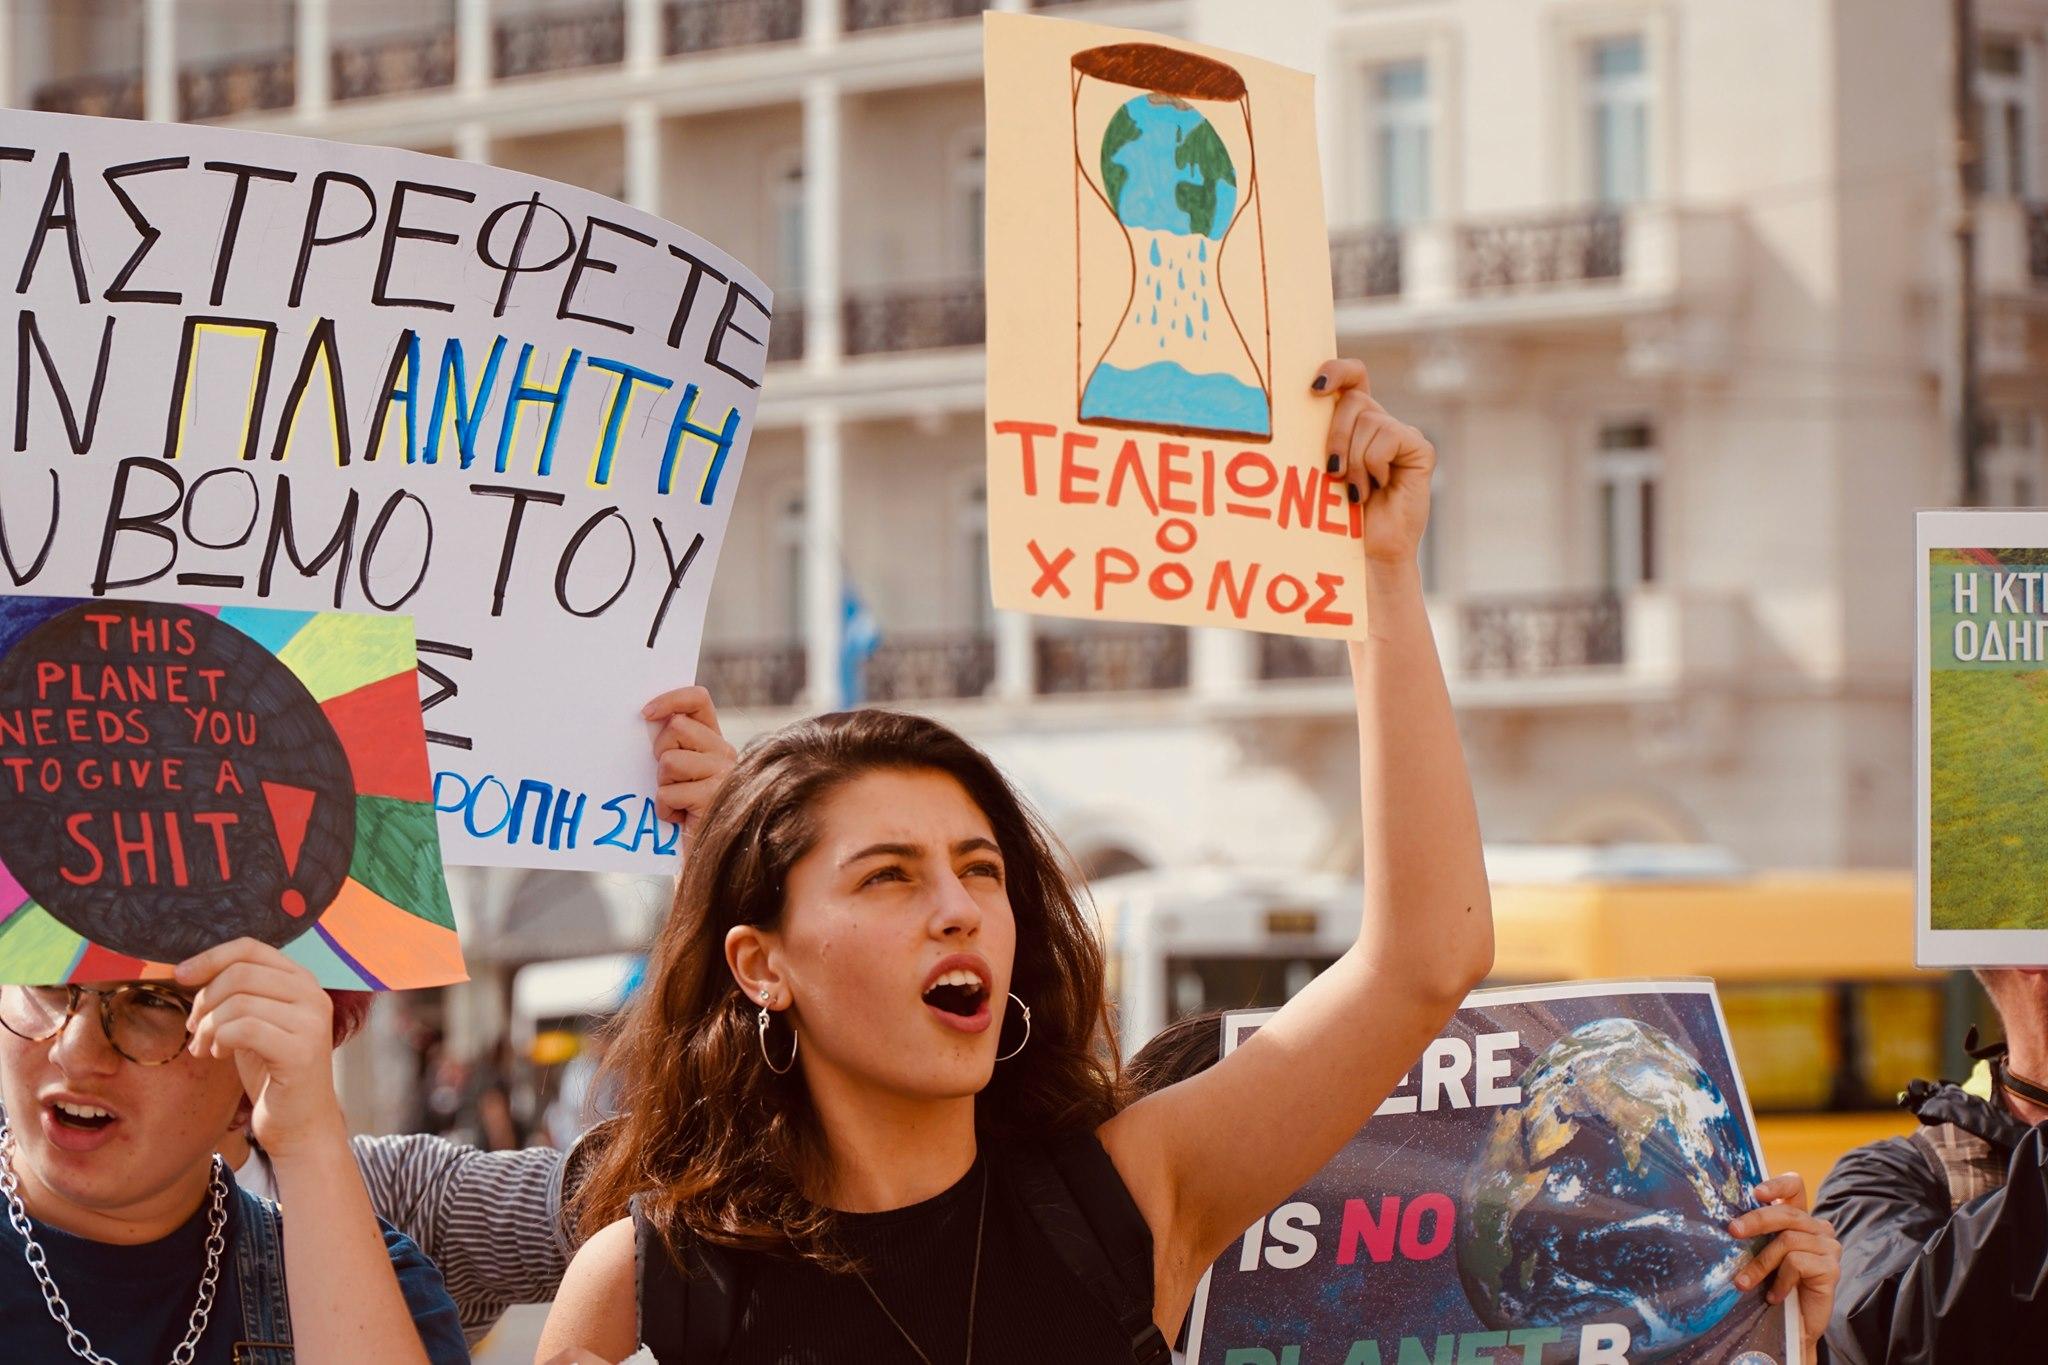 Συμμετέχουμε στην κινητοποίηση για το κλίμα στις 27 Σεπτεμβρίου